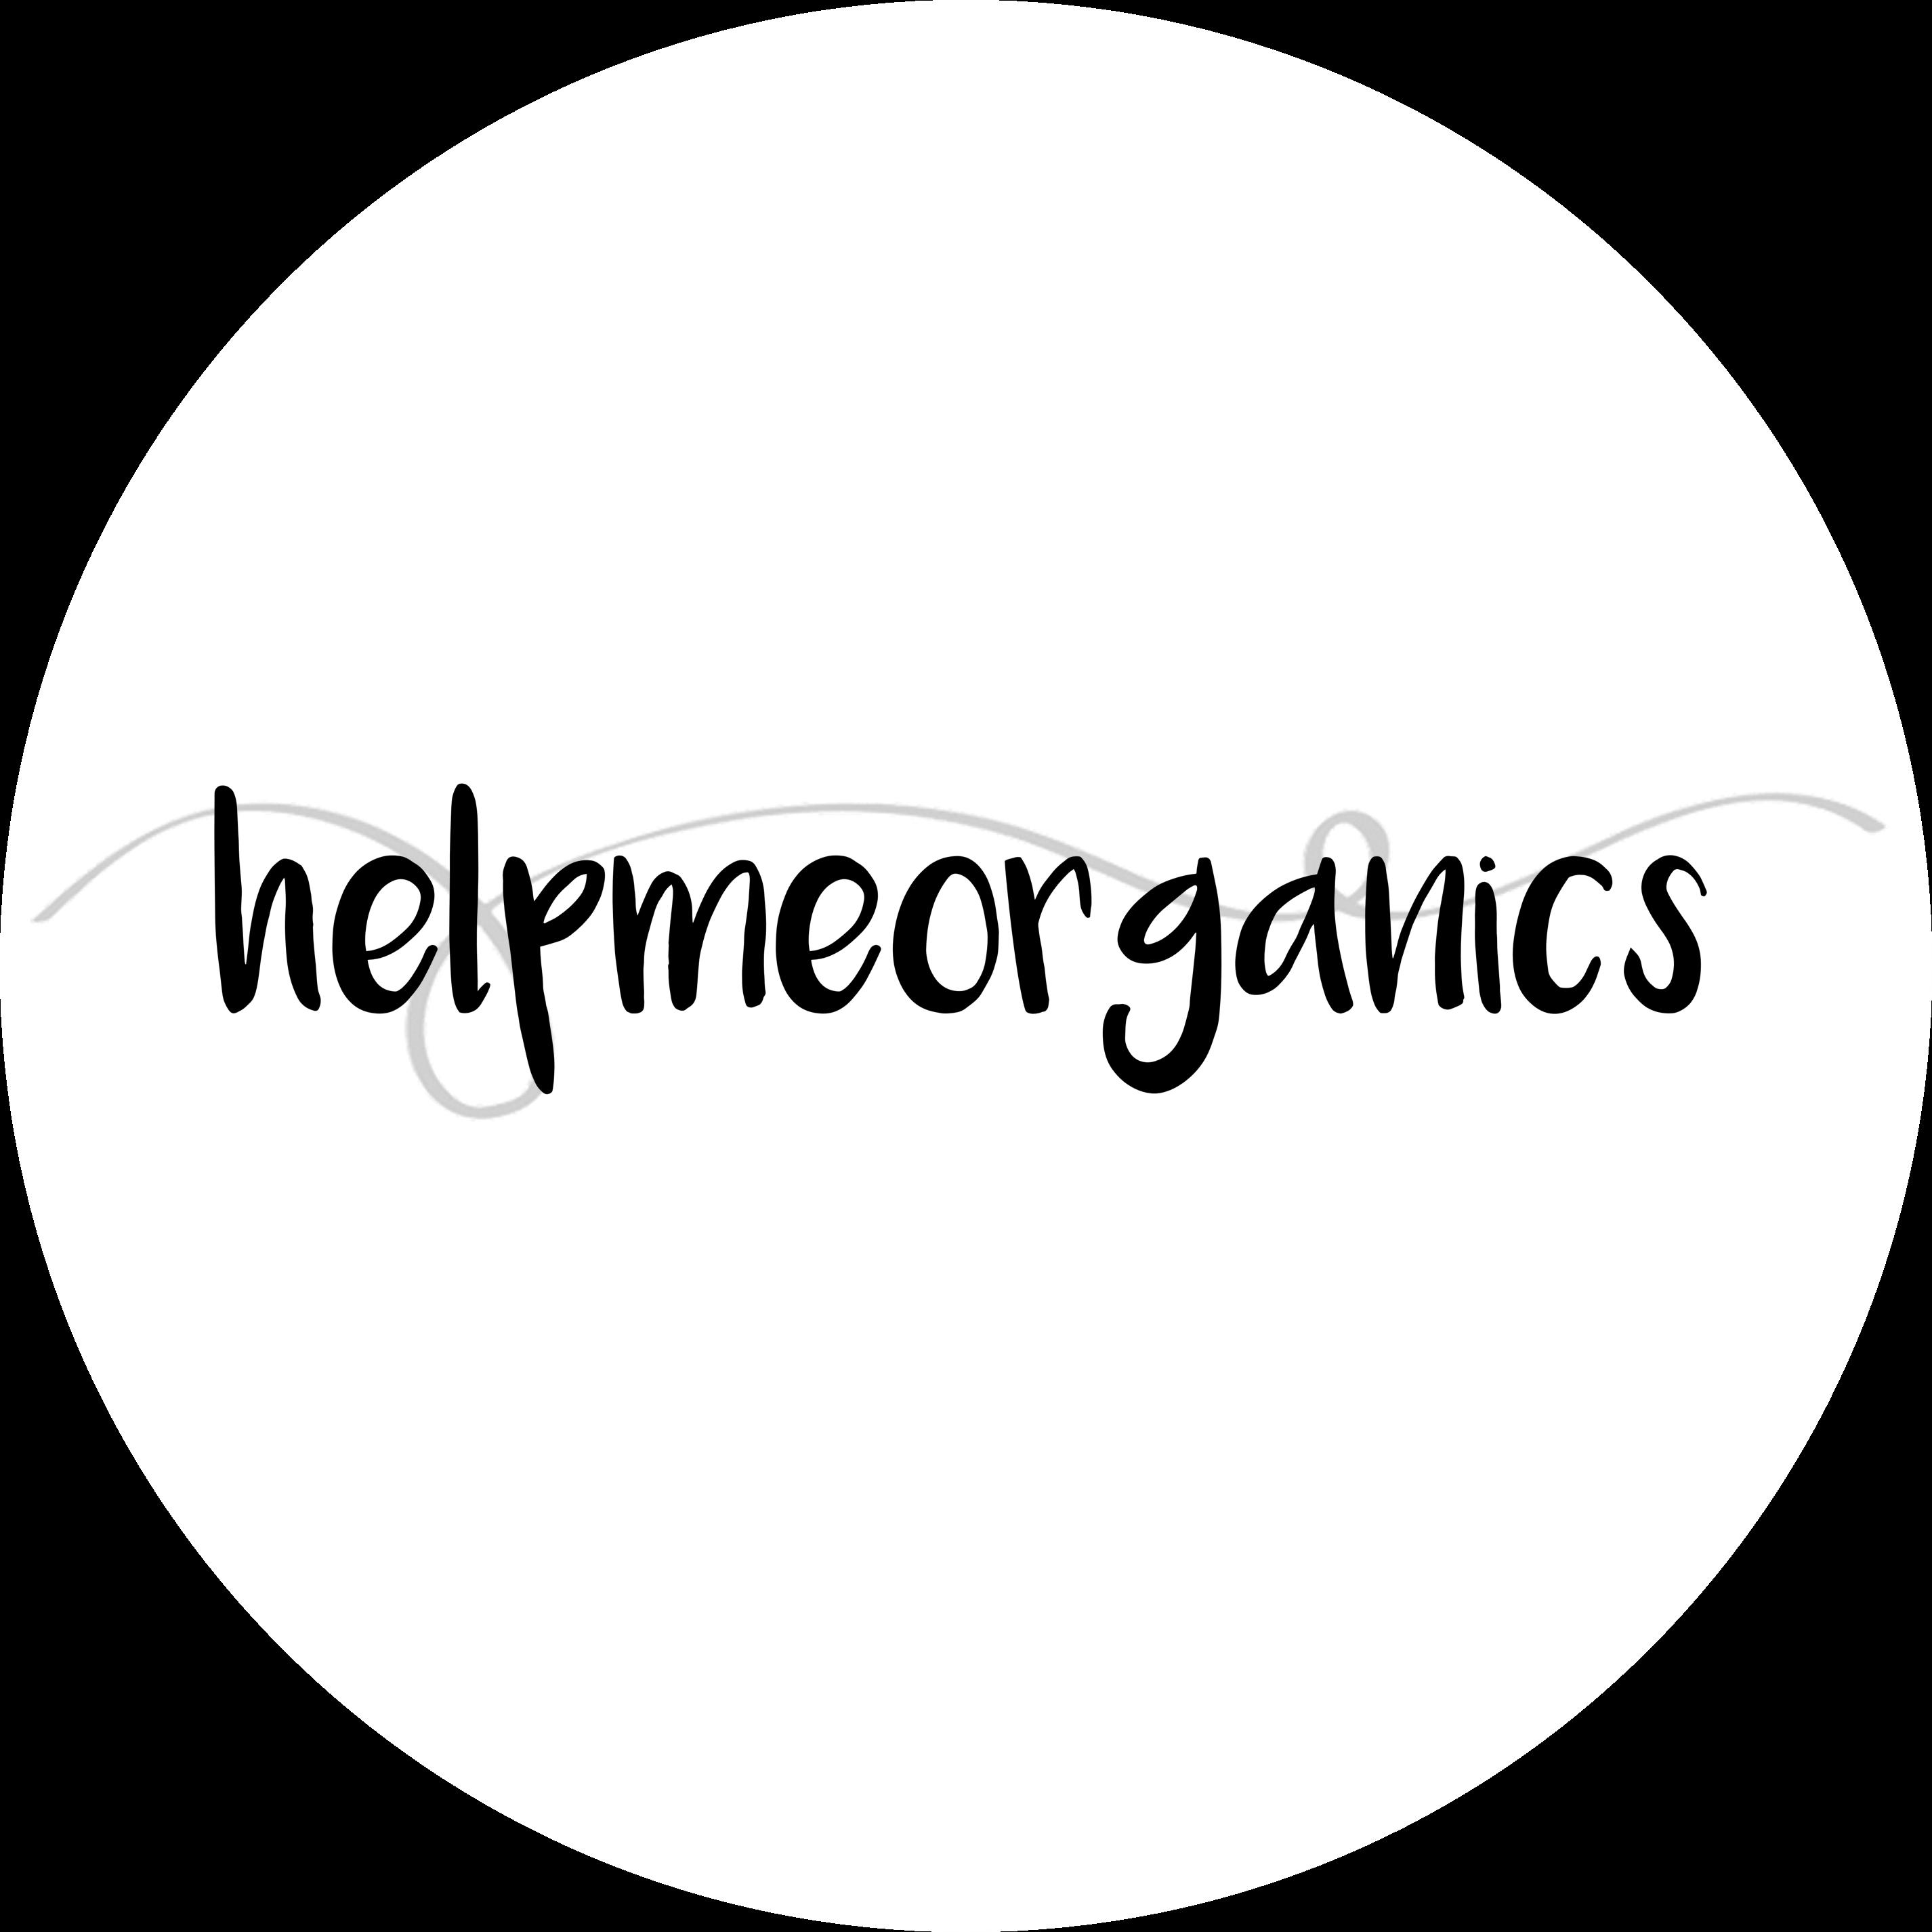 helpmeorganics.com